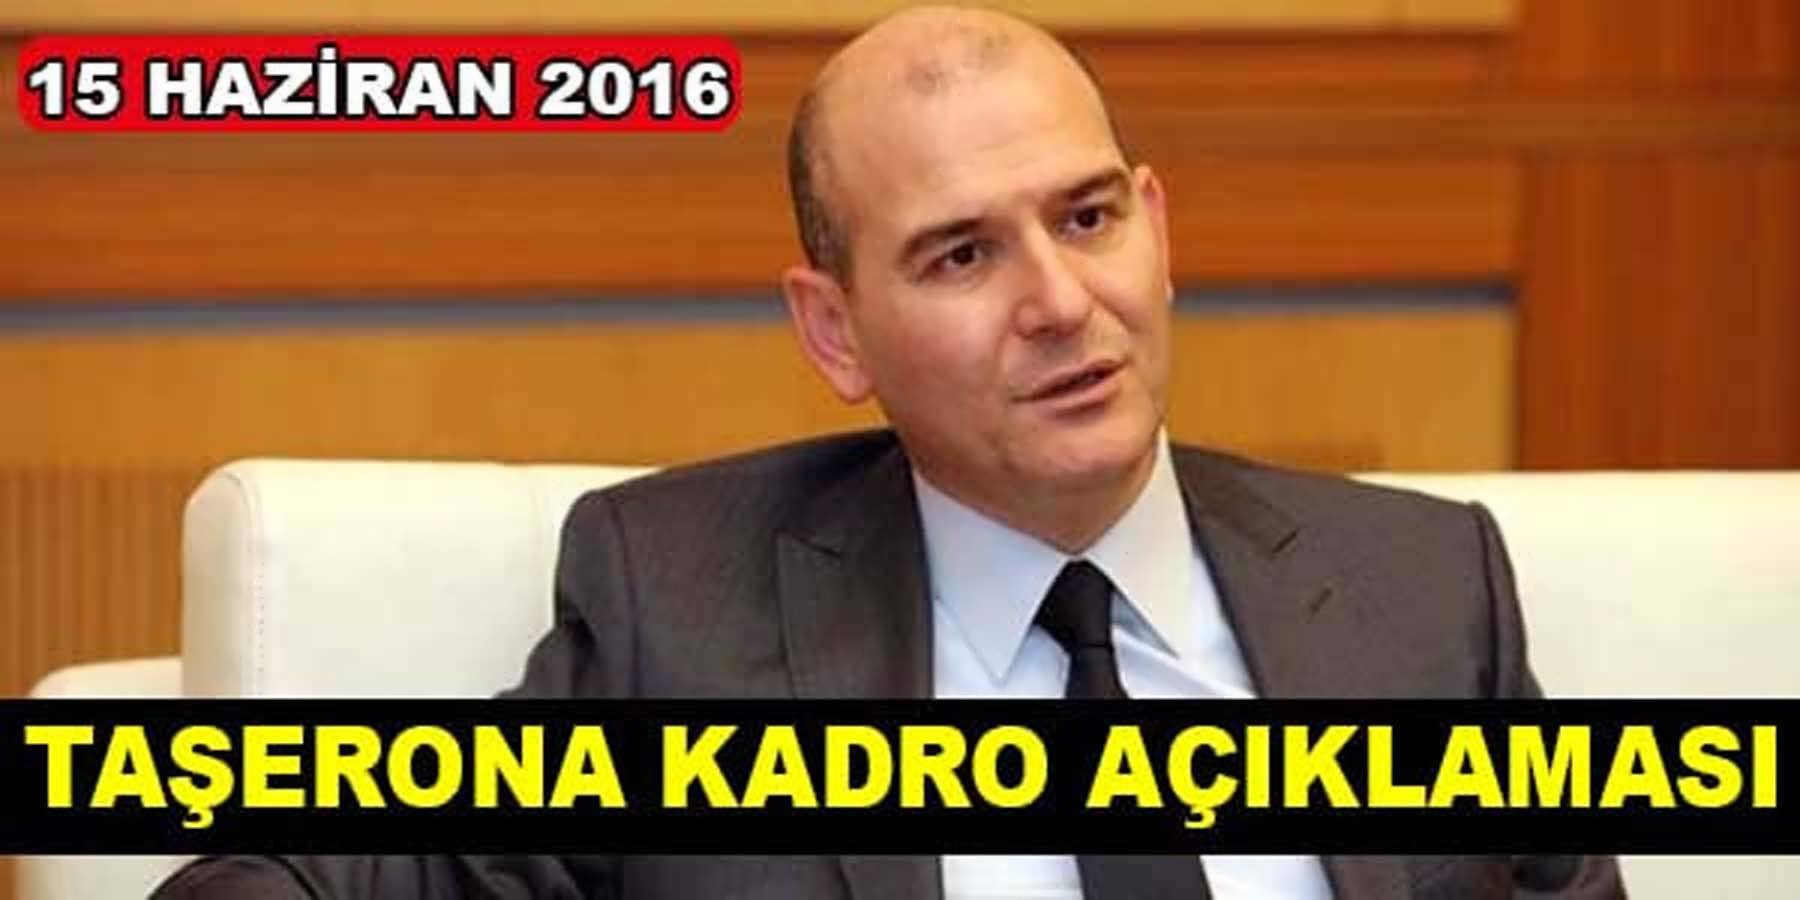 Soylu Taşeron Açıklaması 15 Haziran 2016